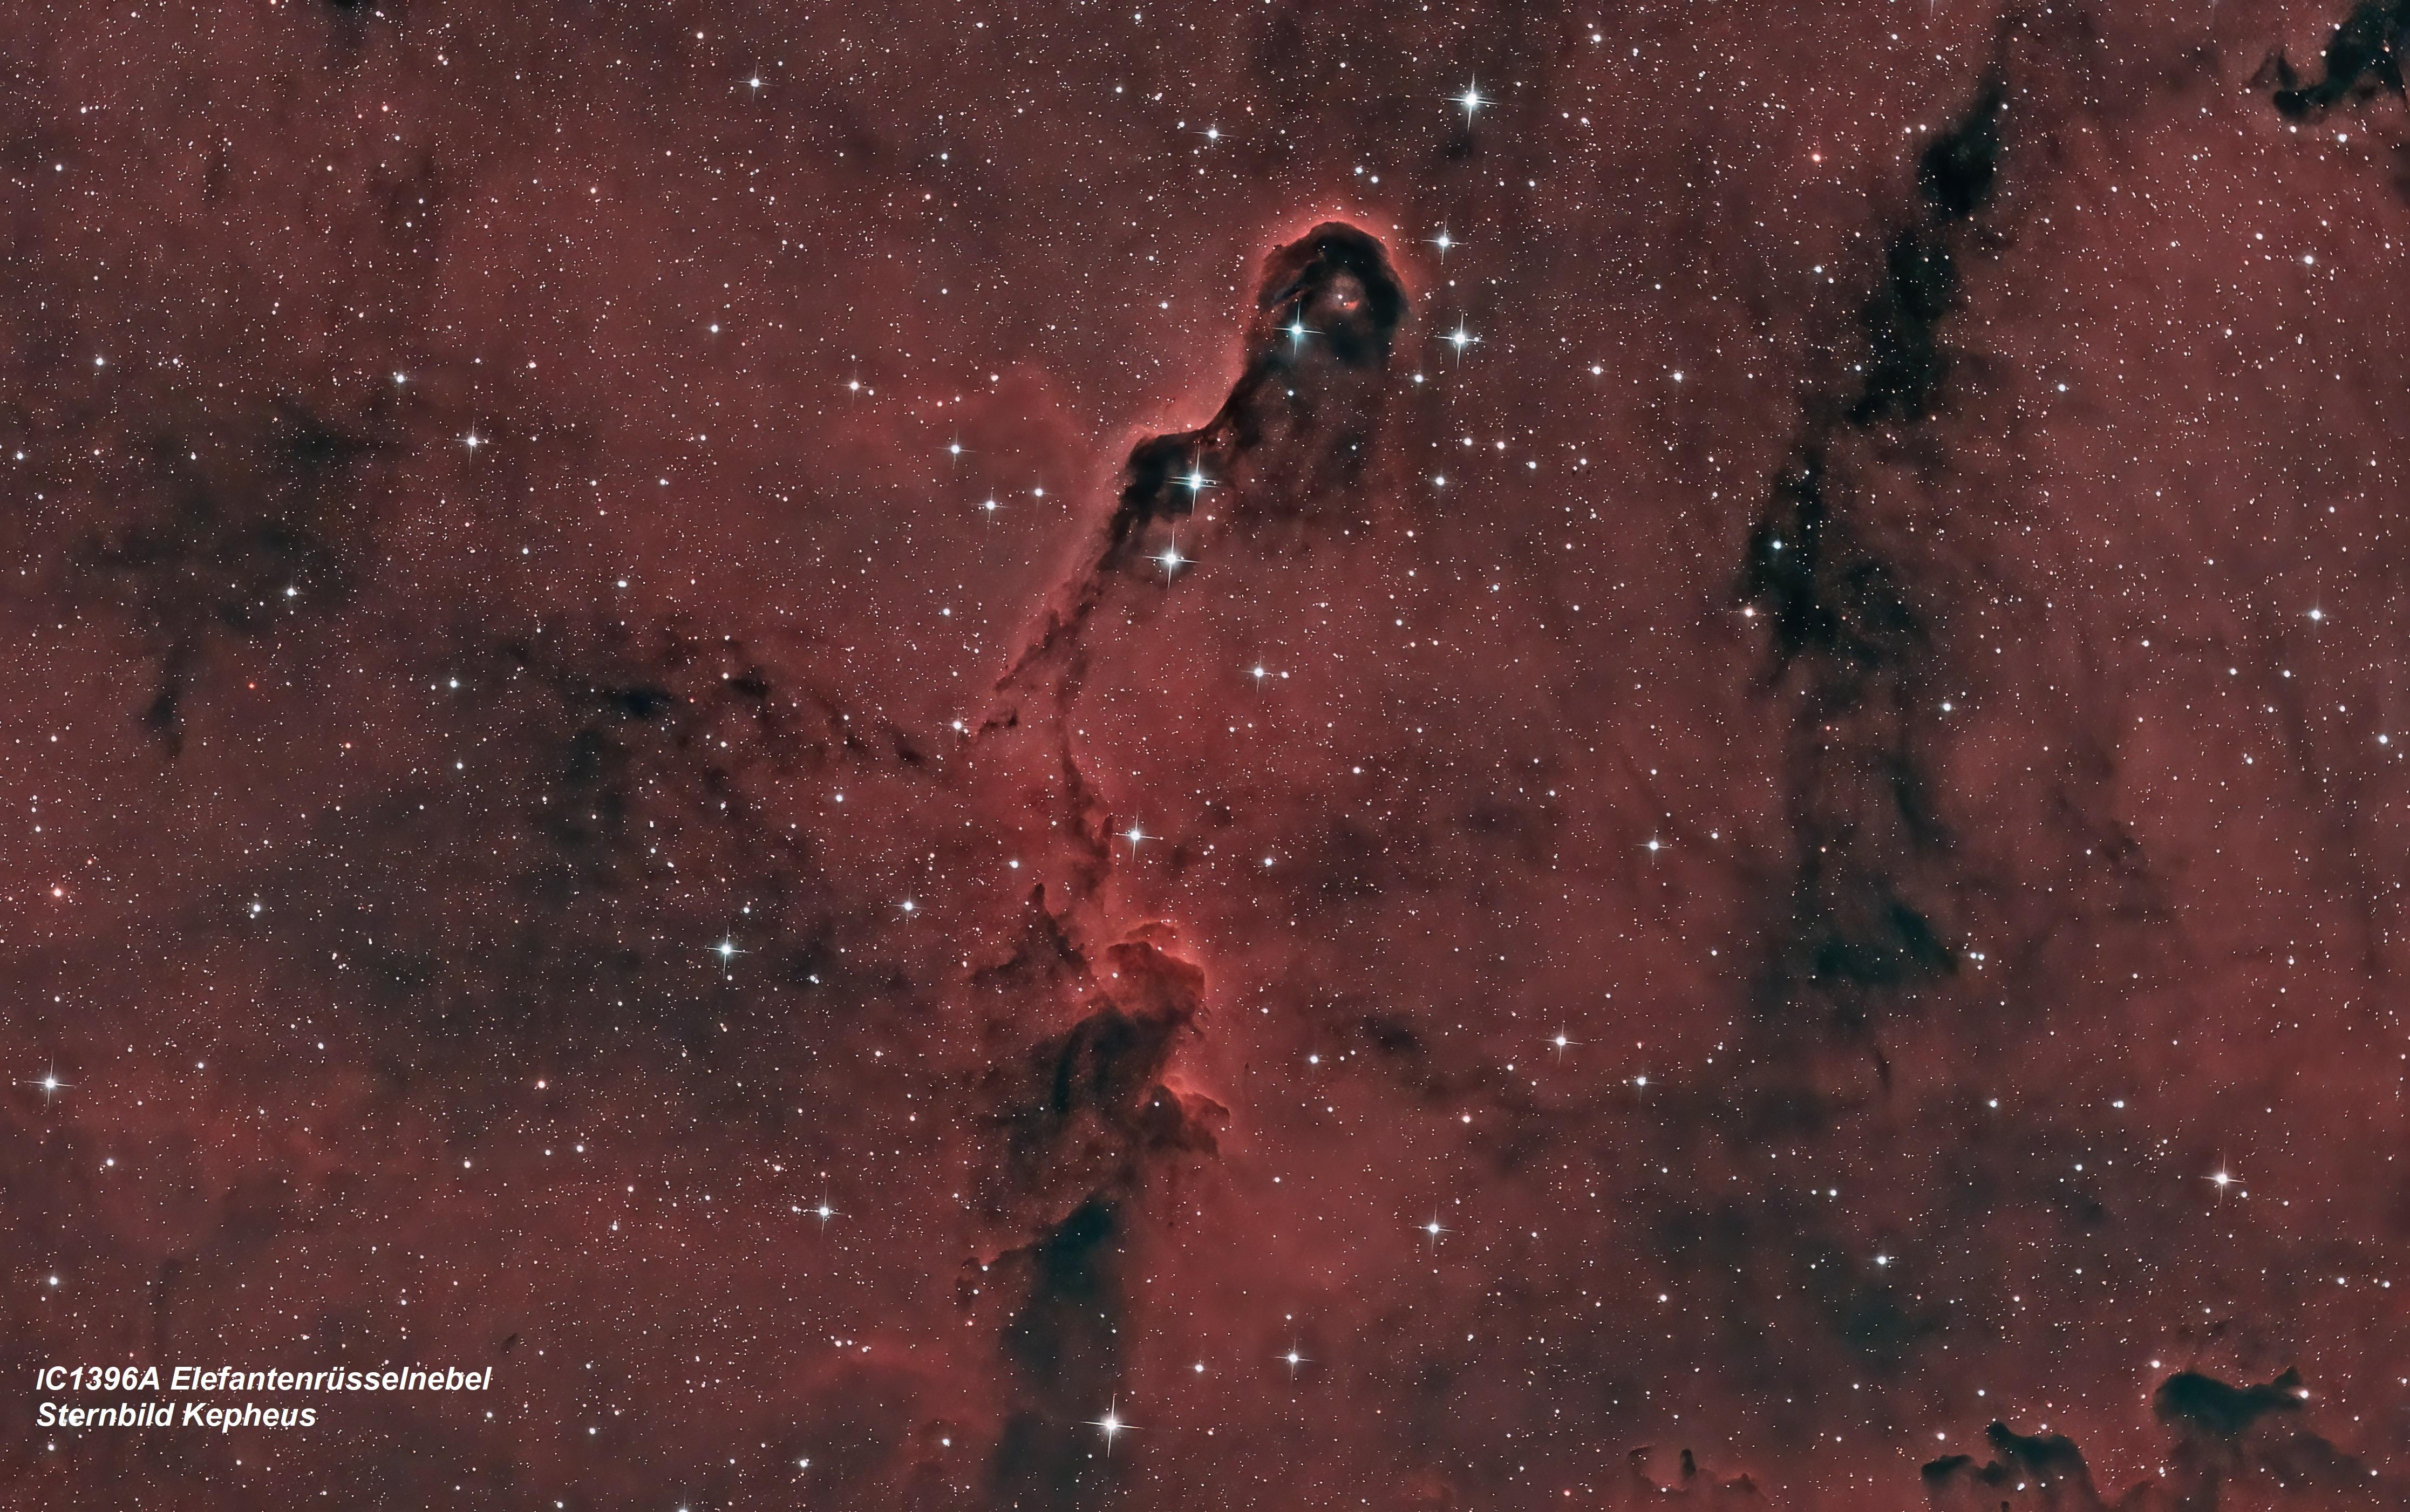 IC 1396 Elefantenrüsselnebel